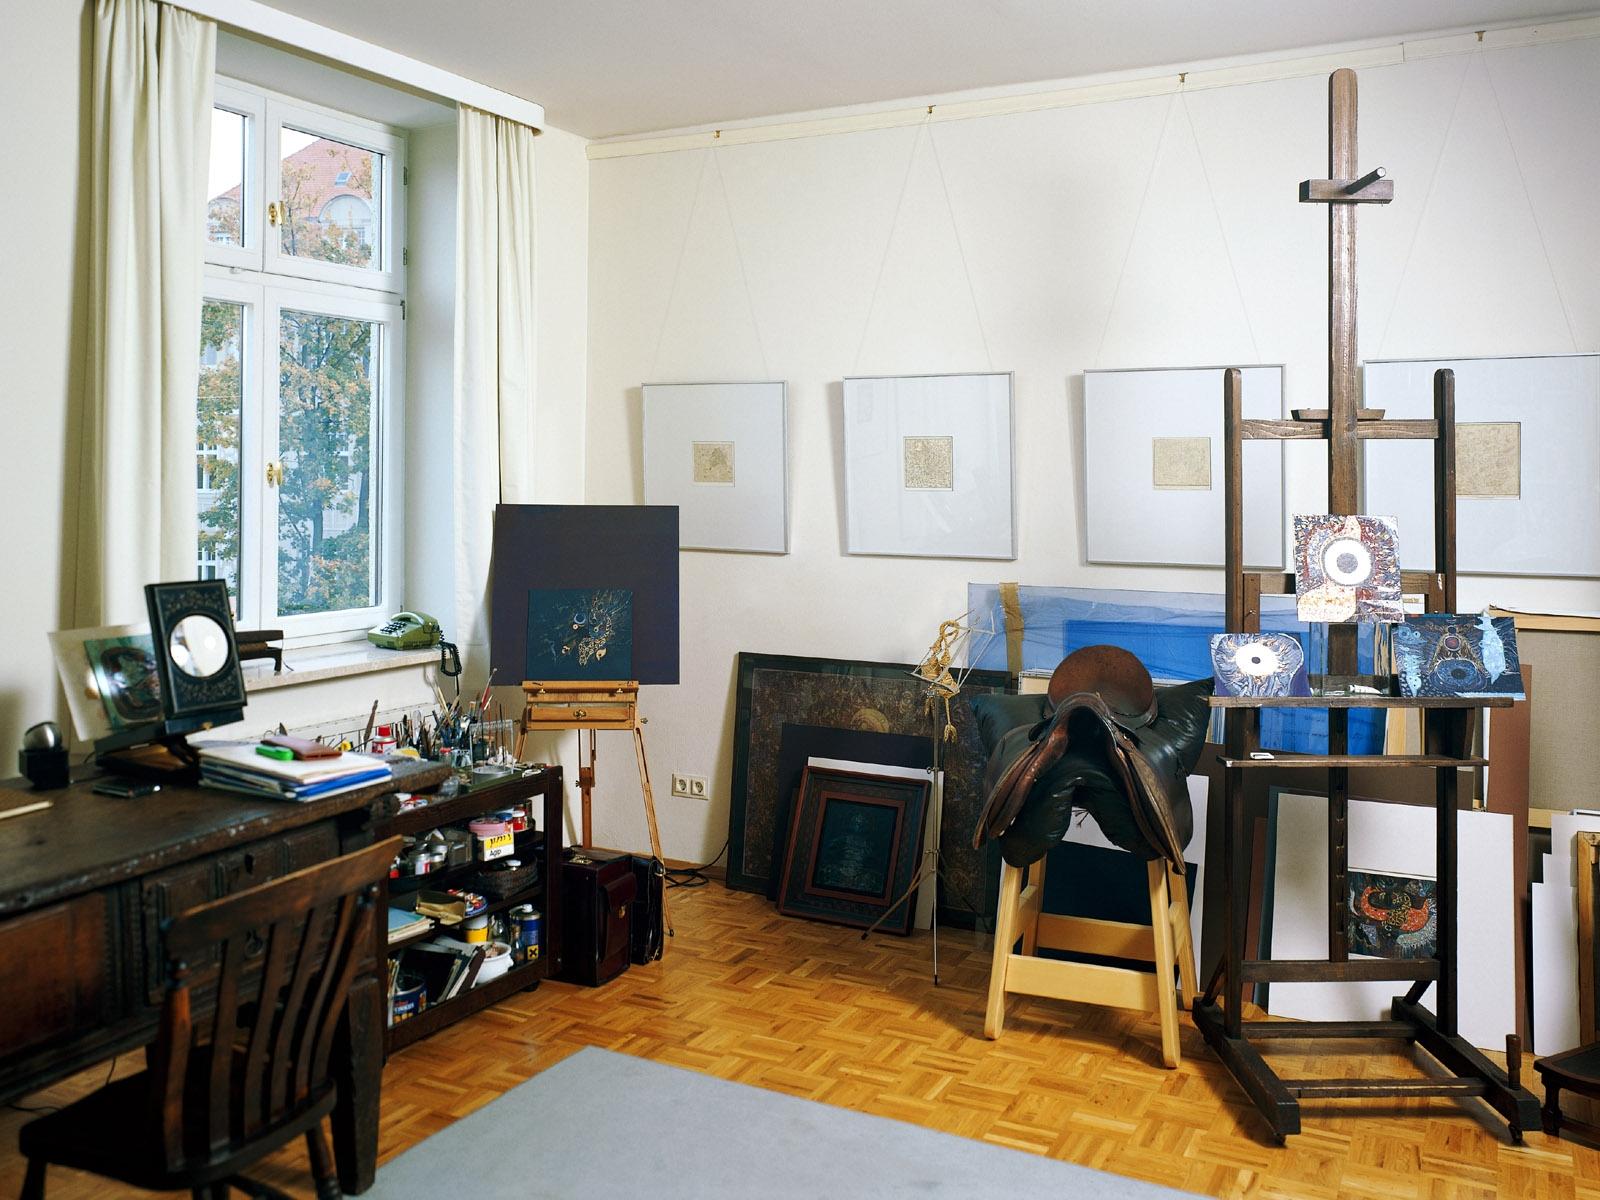 Fondos de pantalla habitaci n dise o de interiores for Taller de diseno de interiores